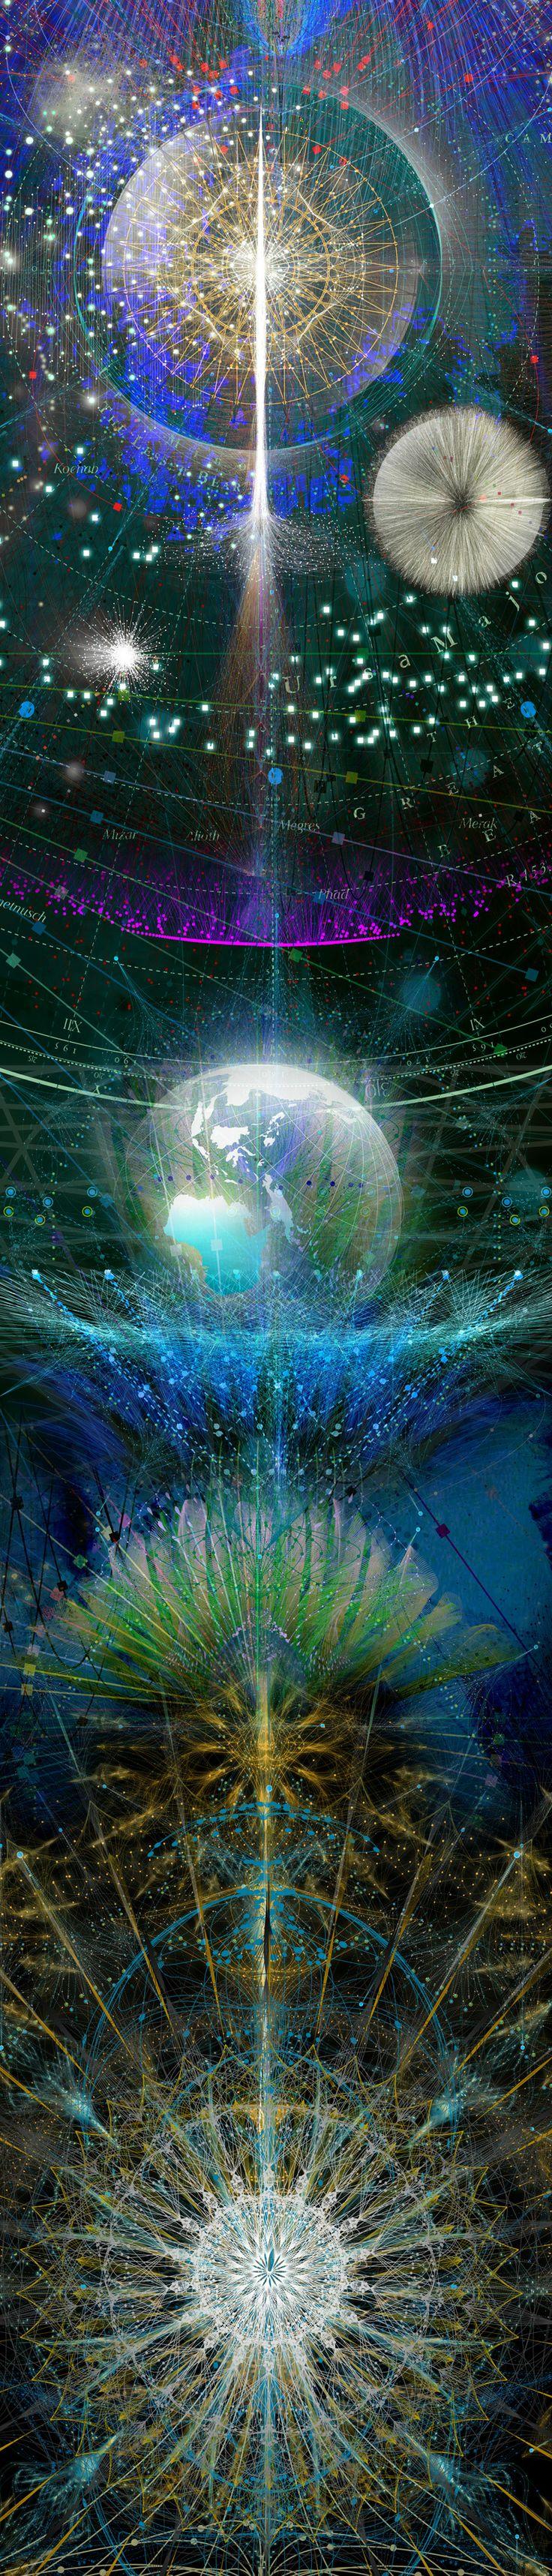 complexitygraphics.com by Tatiana Plakhova